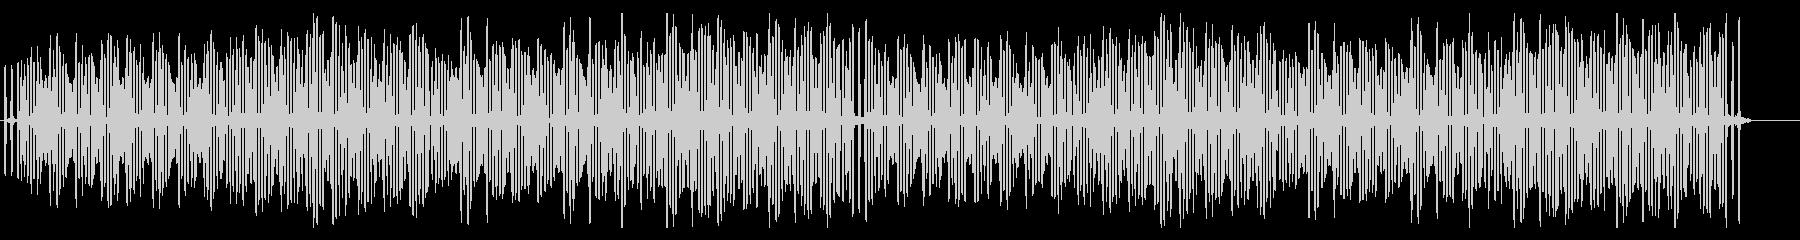 コミカルで軽快・明るく楽しいシンプルな曲の未再生の波形